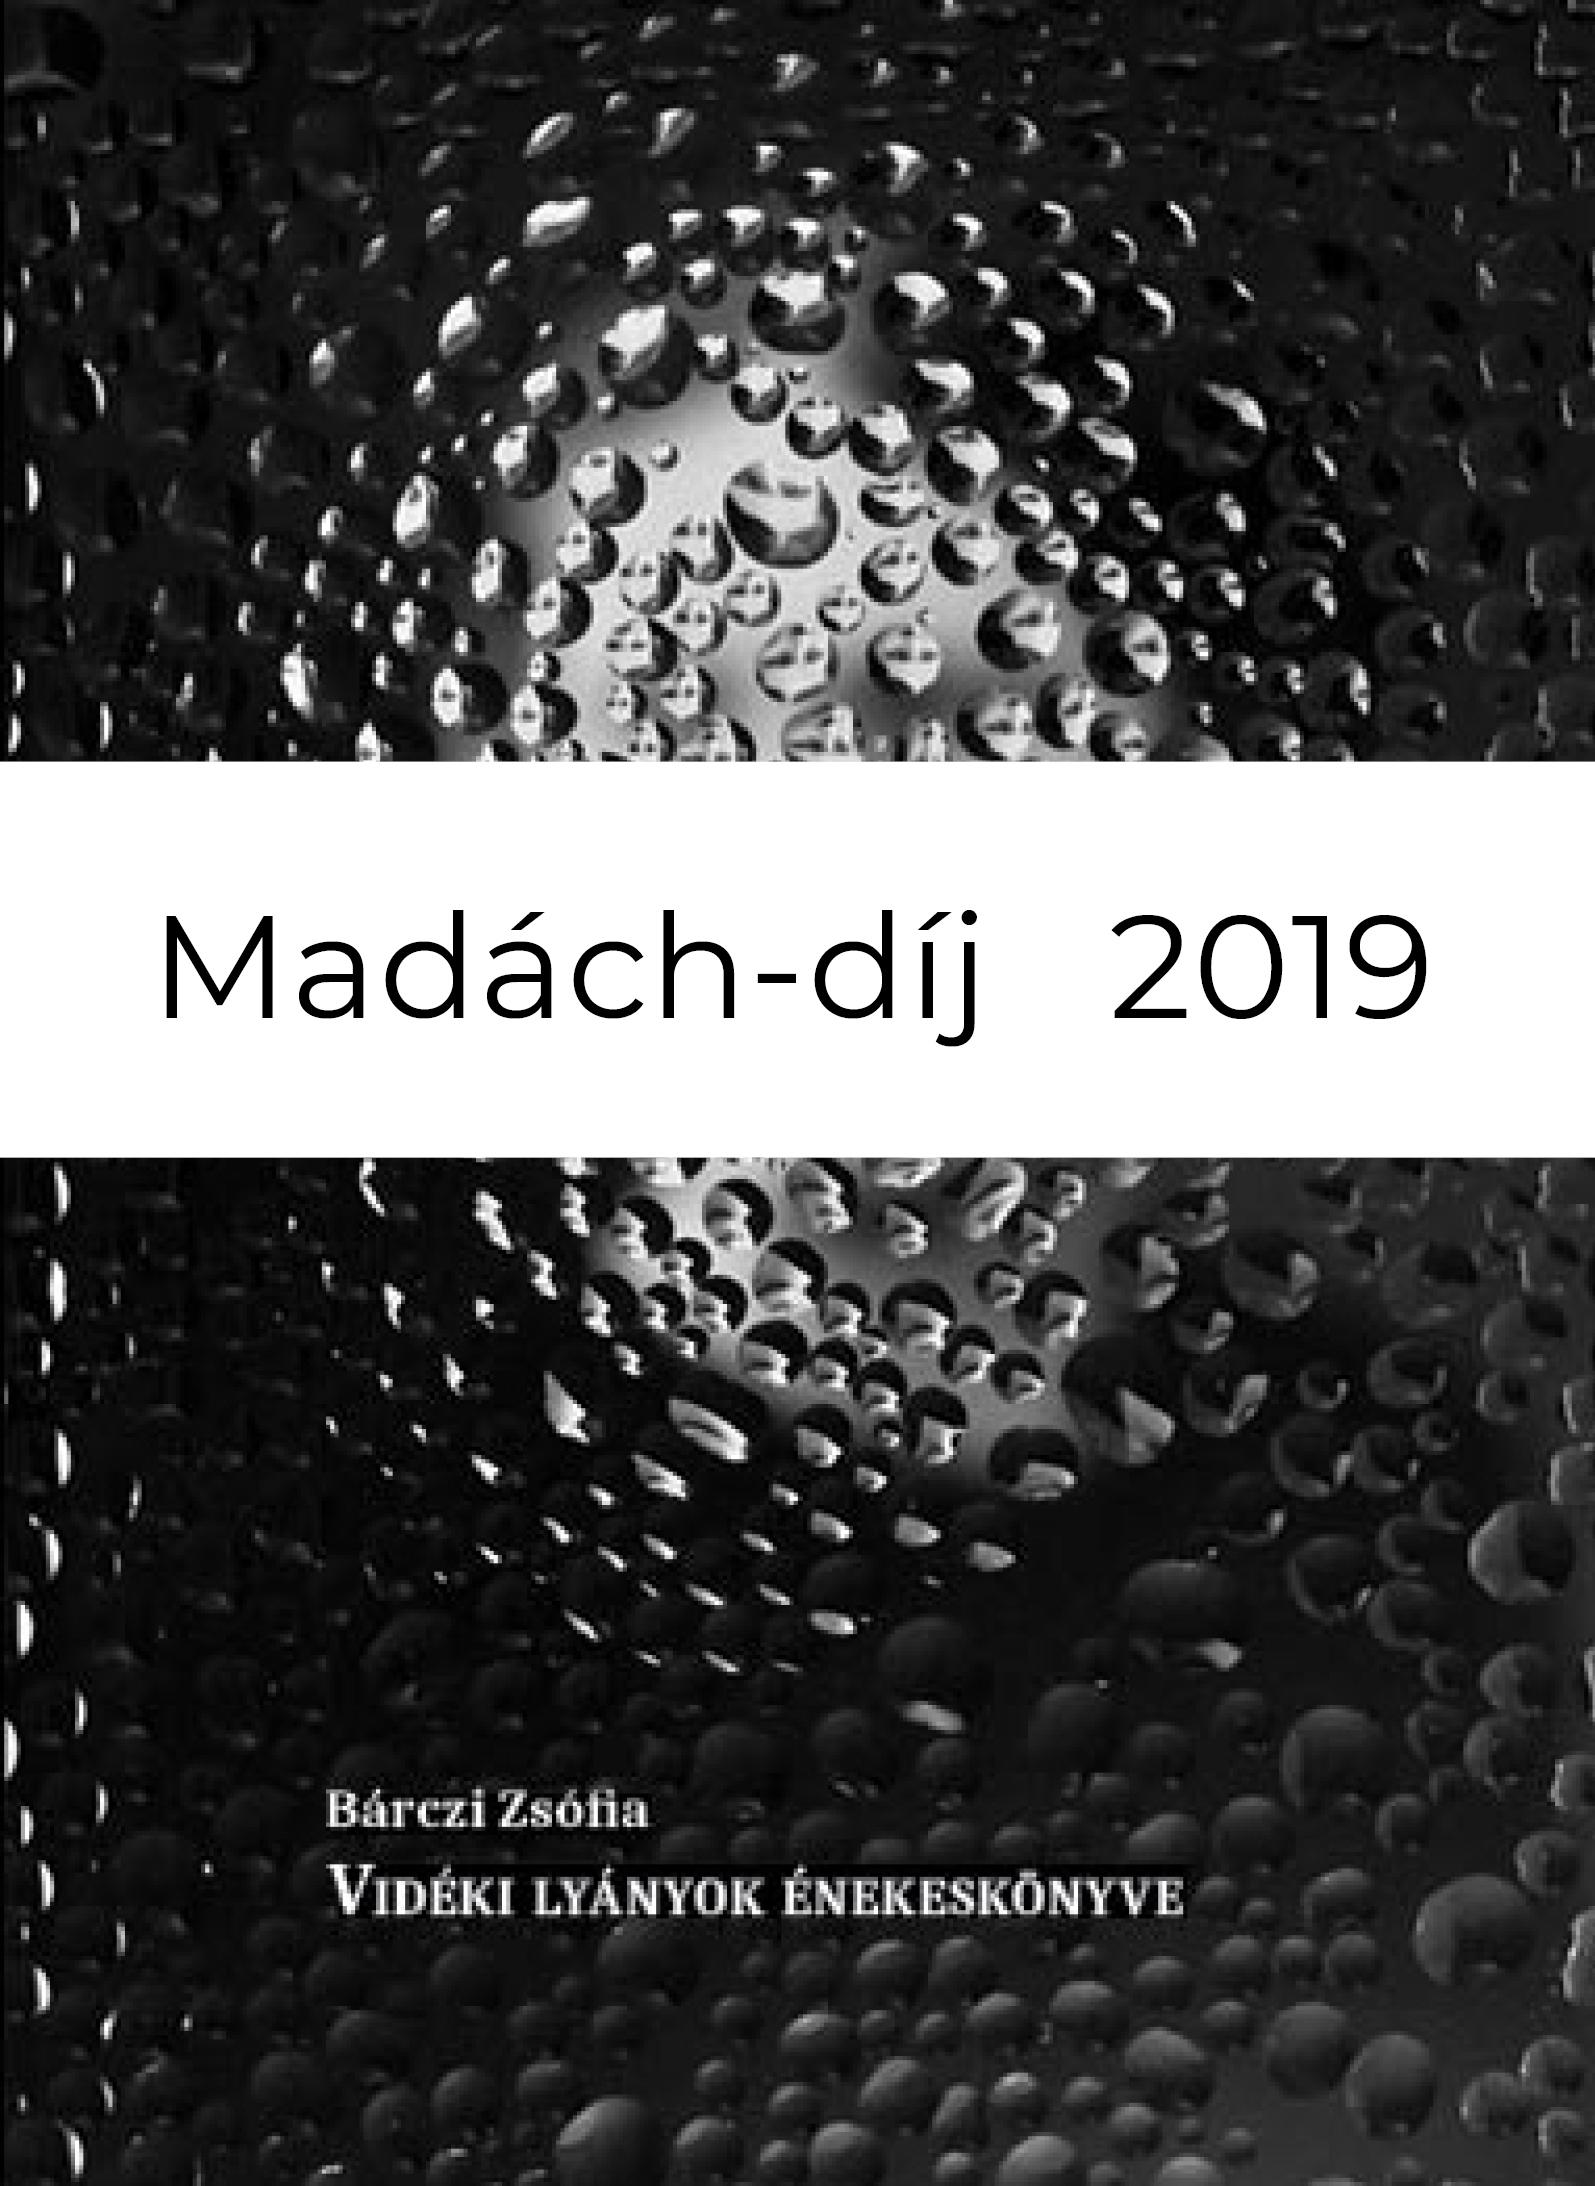 bárczi zsófia vidéki lyánok énekeskönyve madách-díj 2019